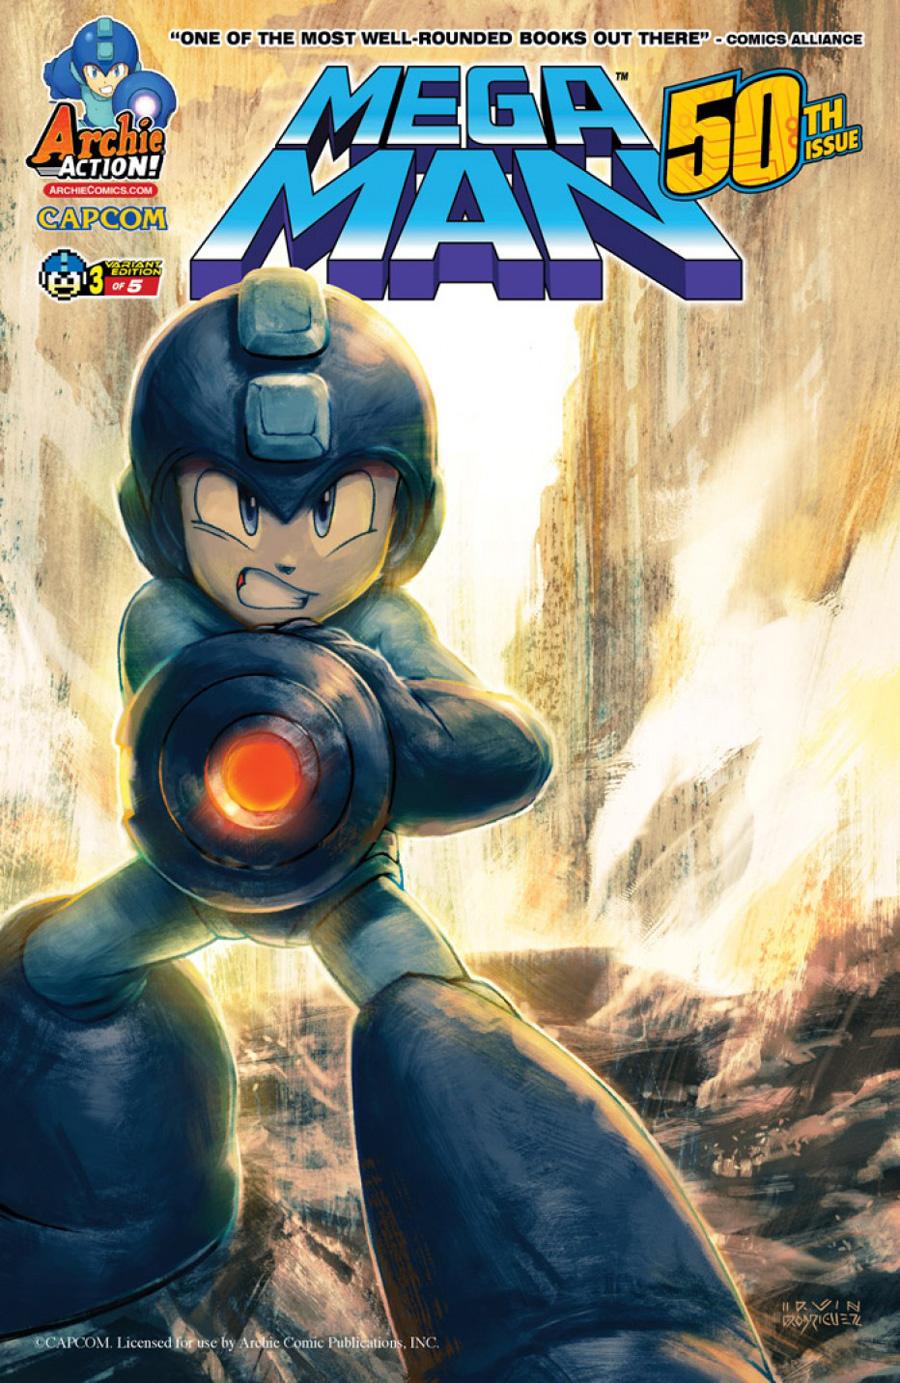 Mega_Man_-50_%28variant_3%29.jpg